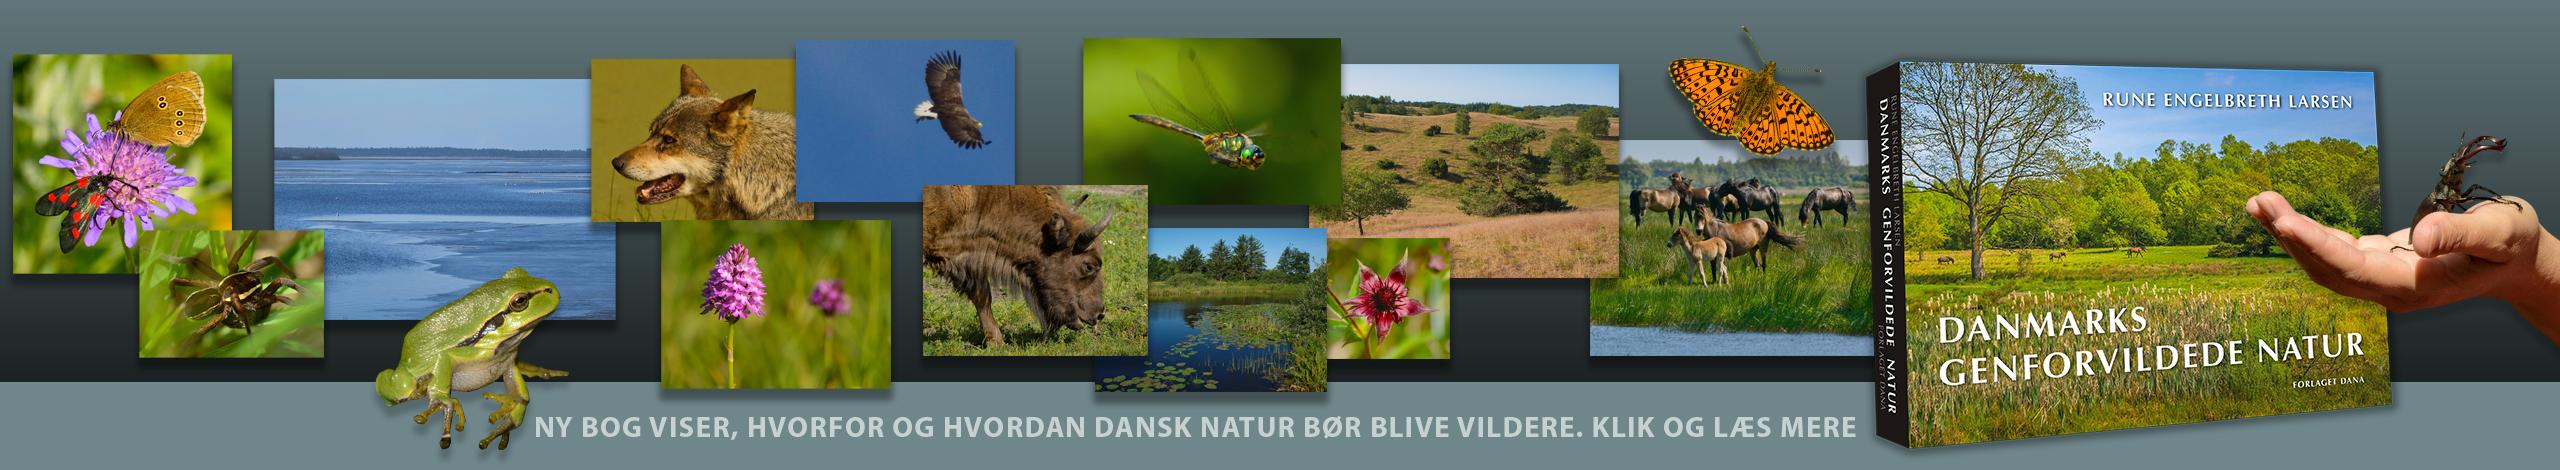 Danmarks genforvildede natur – ny bog af Rune Engelbreth Larsen